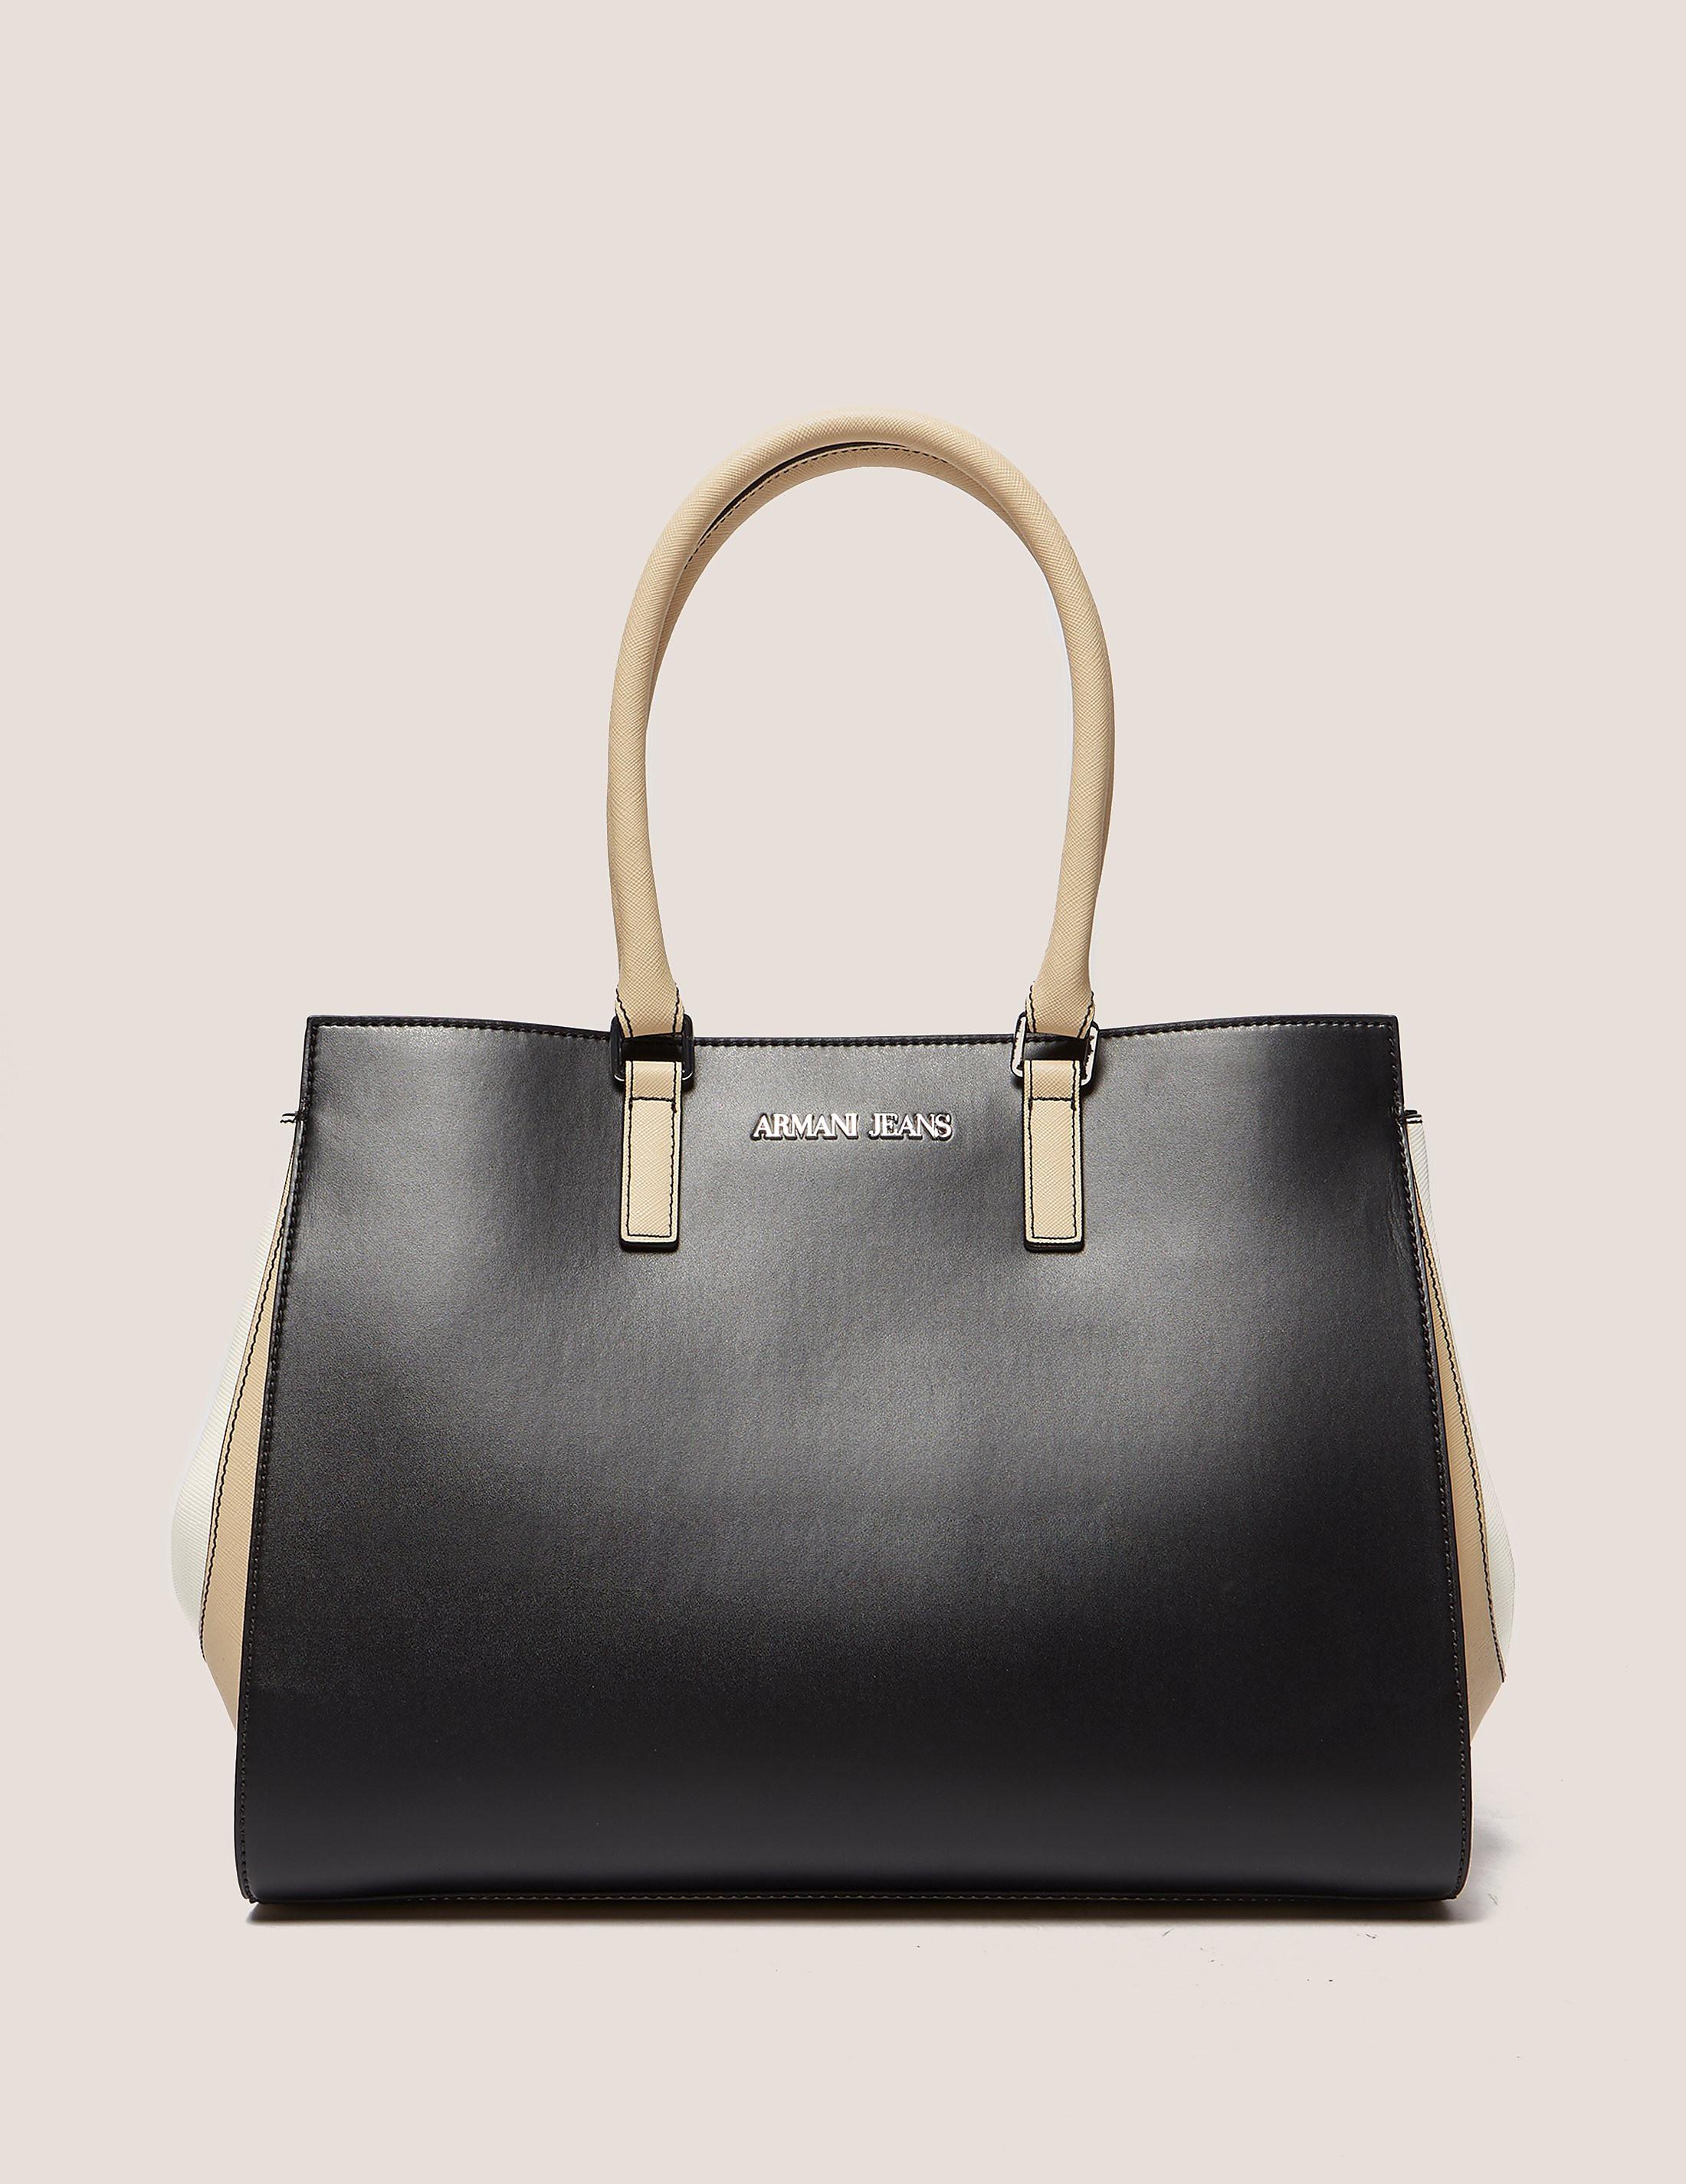 Armani Jeans Colour Block Shopper Bag